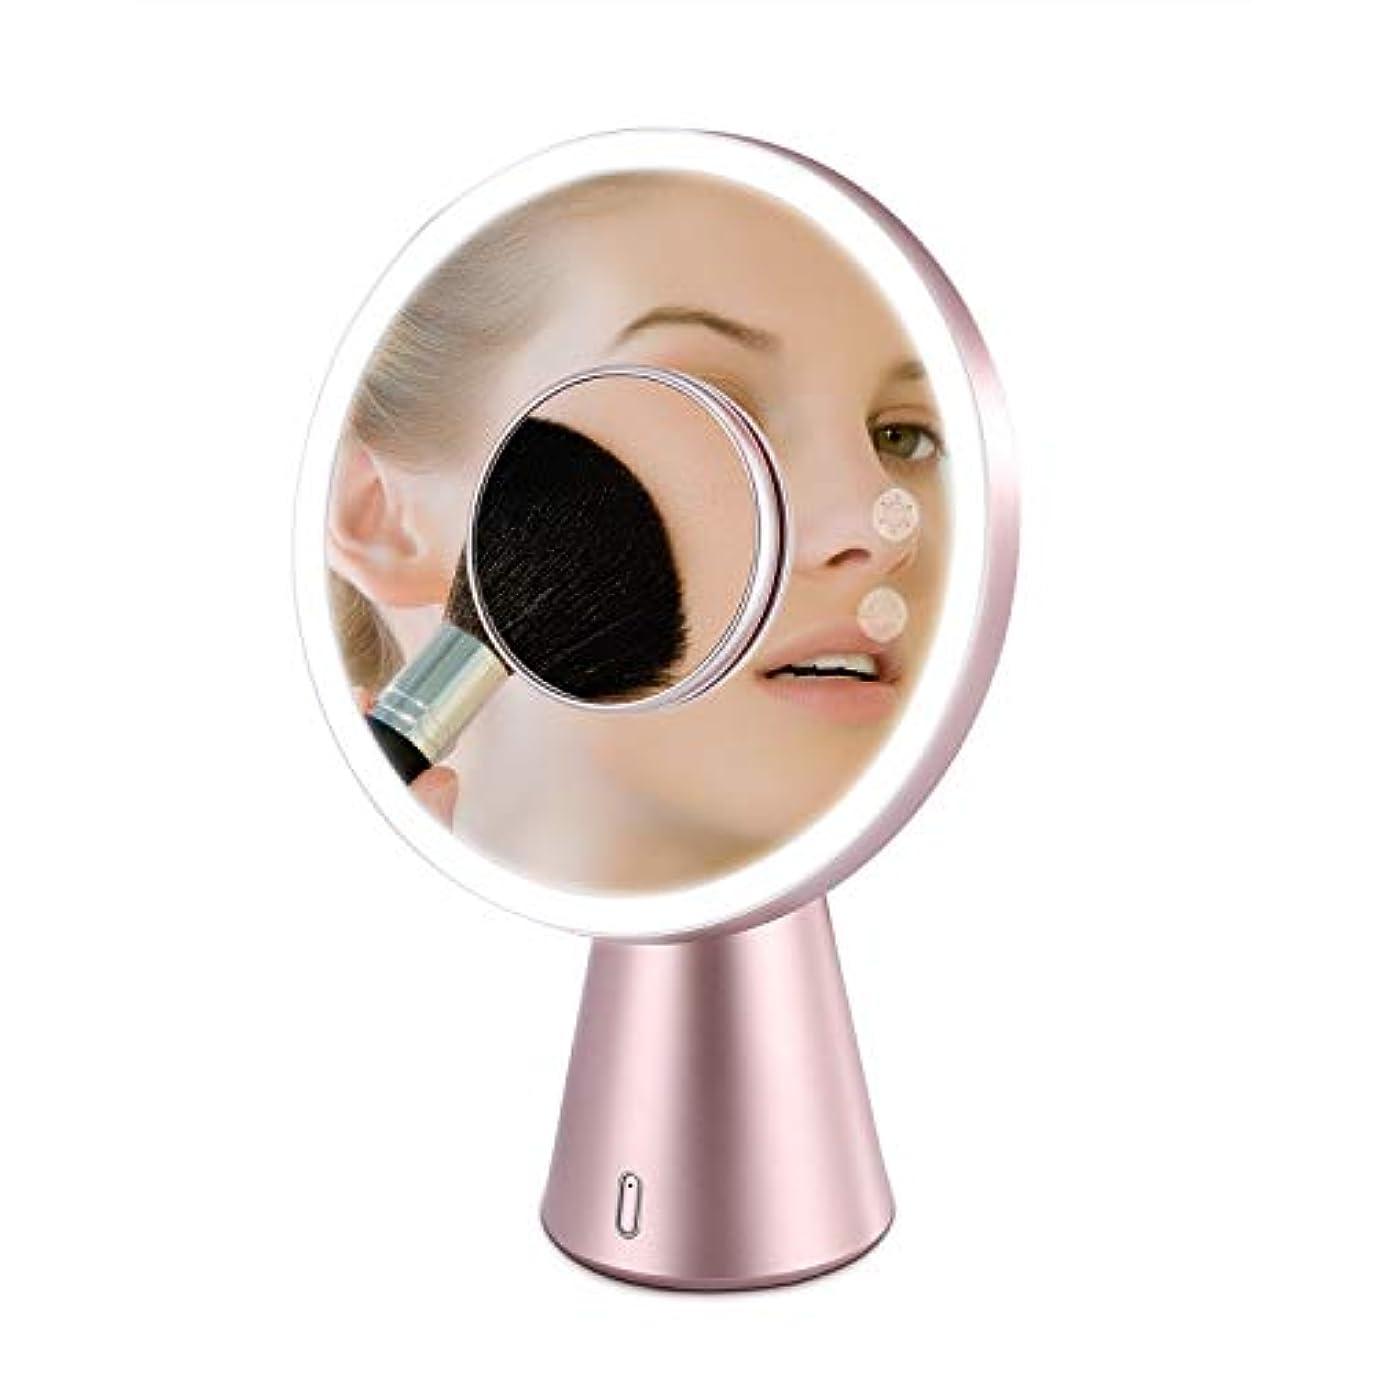 賠償校長証明Fascinate 鏡 化粧鏡 LED ミラー 卓上 5倍拡大 スタンドミラー 美容鏡ledライト付き 明るさ調整可能 USB充電式 ブルートゥーススピーカー デスクライト兼用 日本語説明書付き